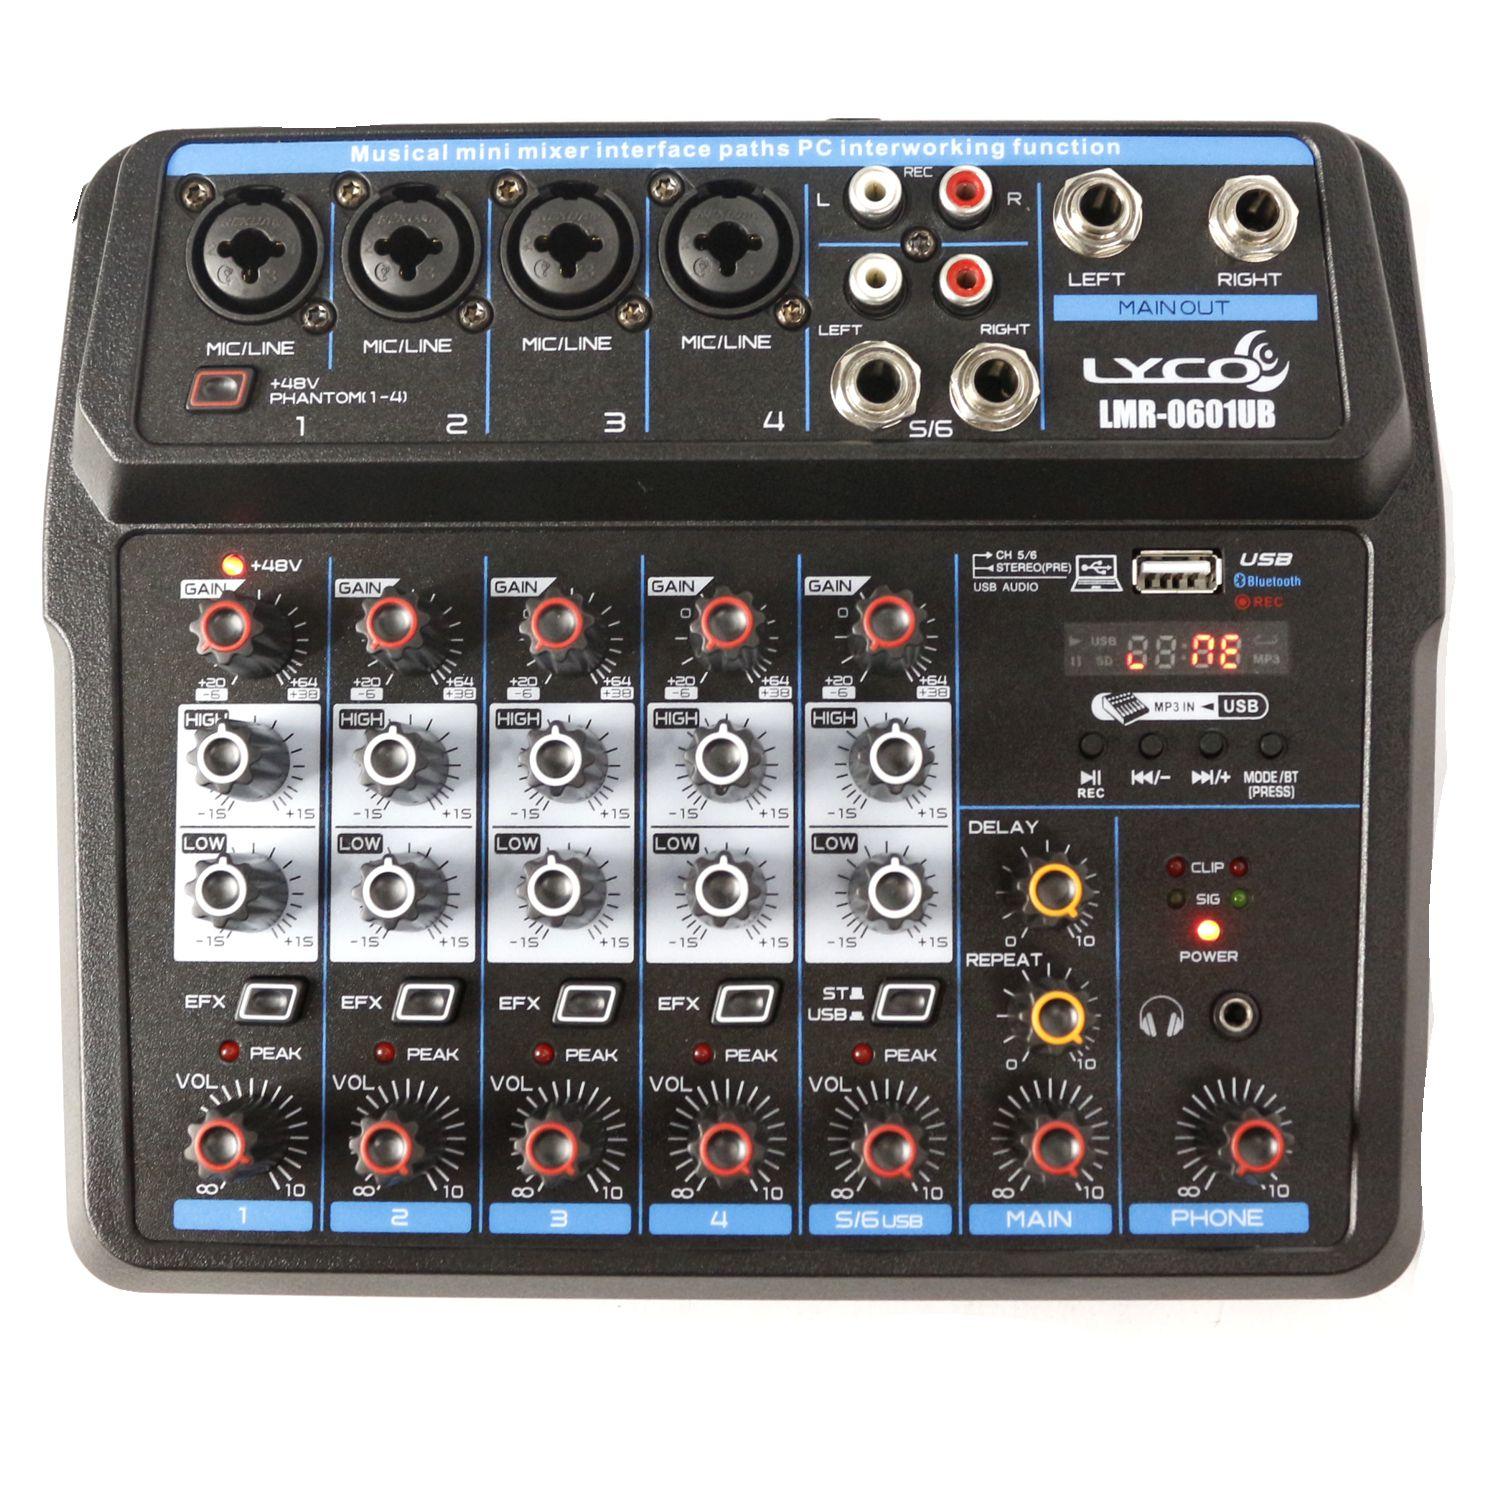 Mesa de Som com USB e Bluetooth LYCO 6 Canais - LMR-0601UB